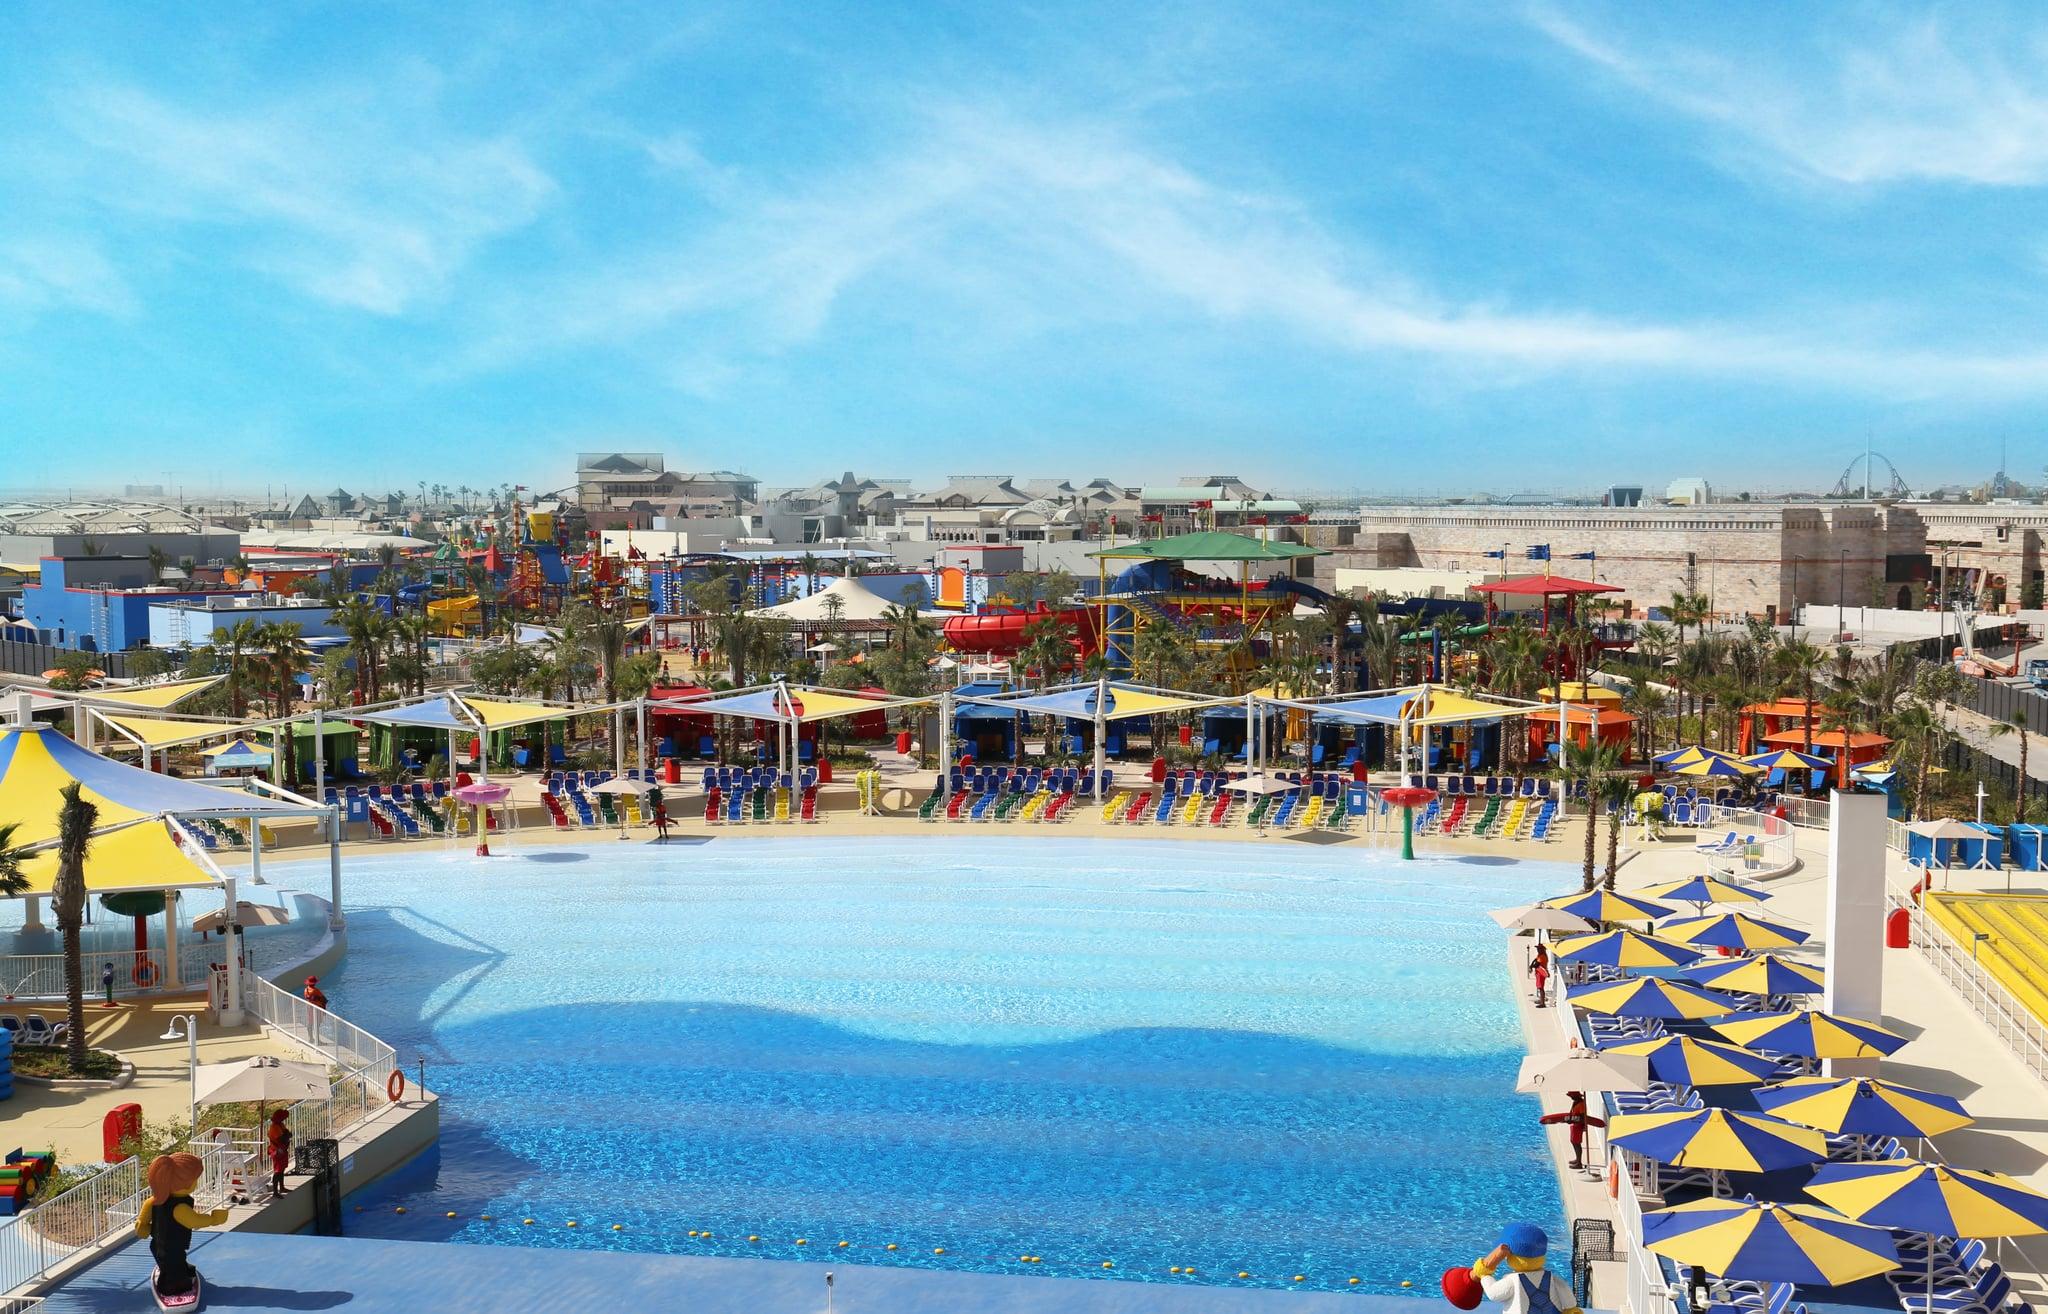 Legoland Dubai Searching For Junior Lifeguards   POPSUGAR ...